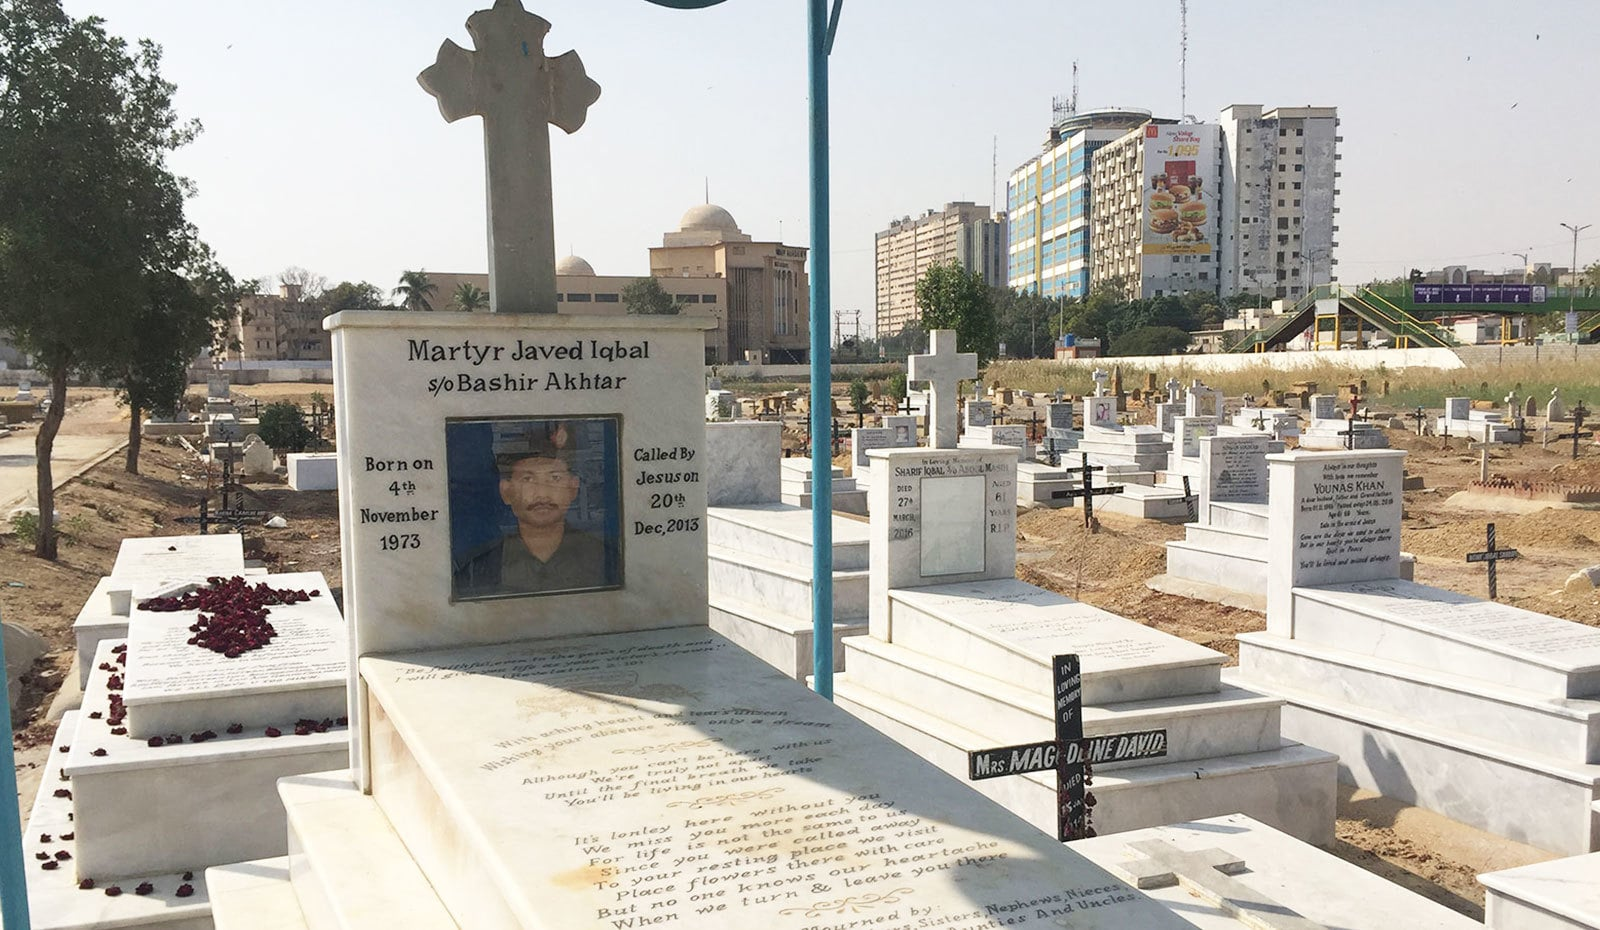 گورا قبرستان سمیت کچھ مقامات کو ٹوئرسٹ میپ کا حصہ نہیں بنایا گیا— فائل فوٹو: وقار محمد خان